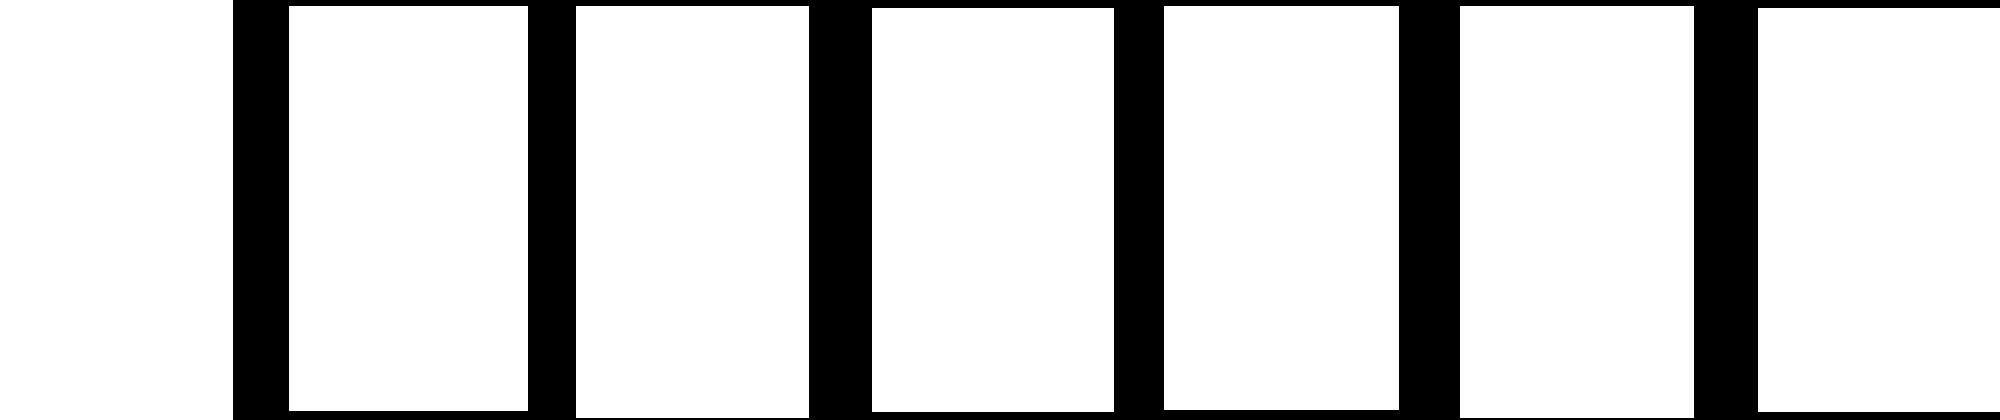 grubhub-white